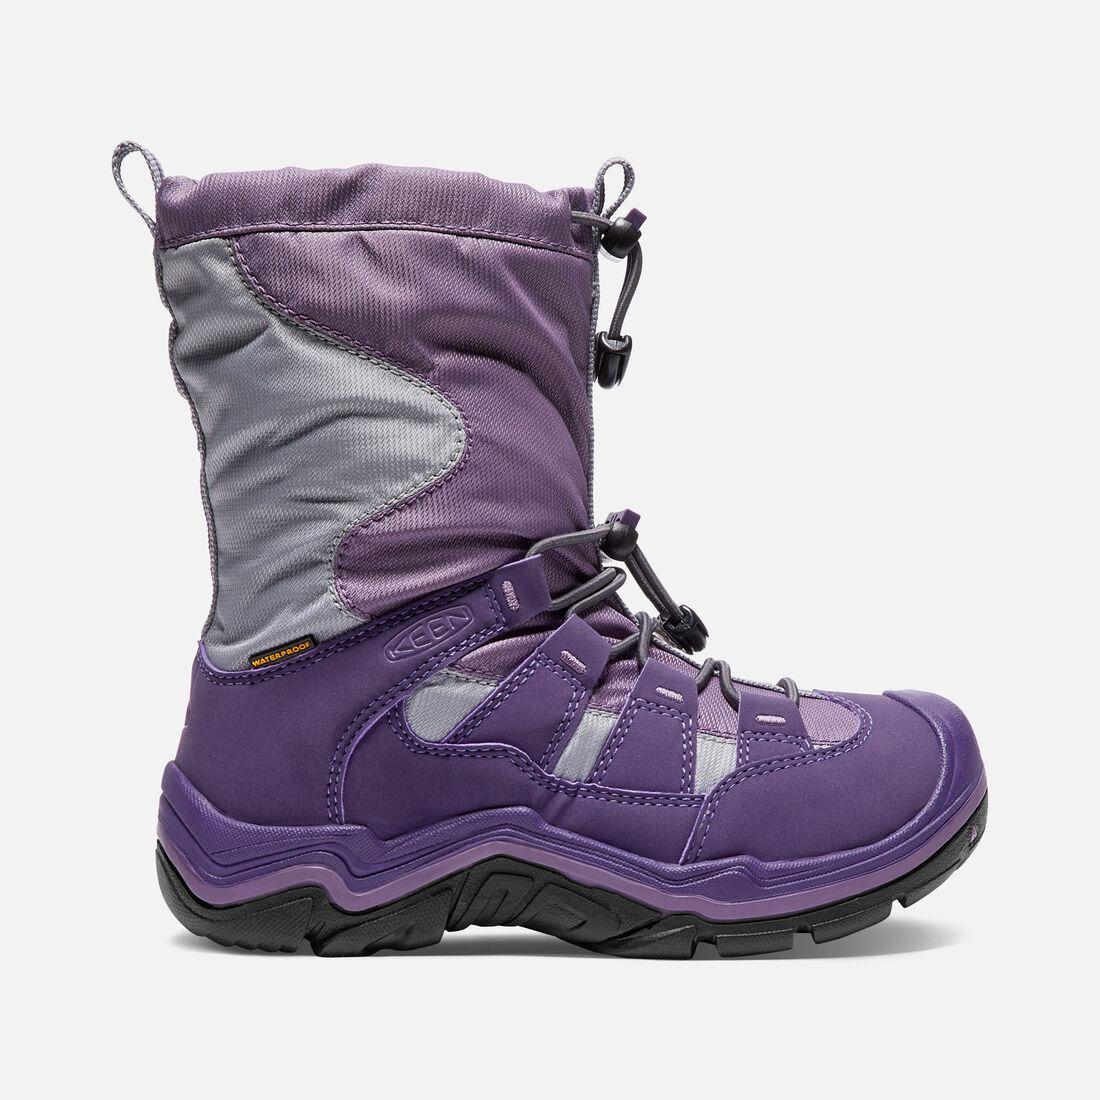 Little Kids' Winterport II Waterproof in Purple Plumeria/Alloy - large view.